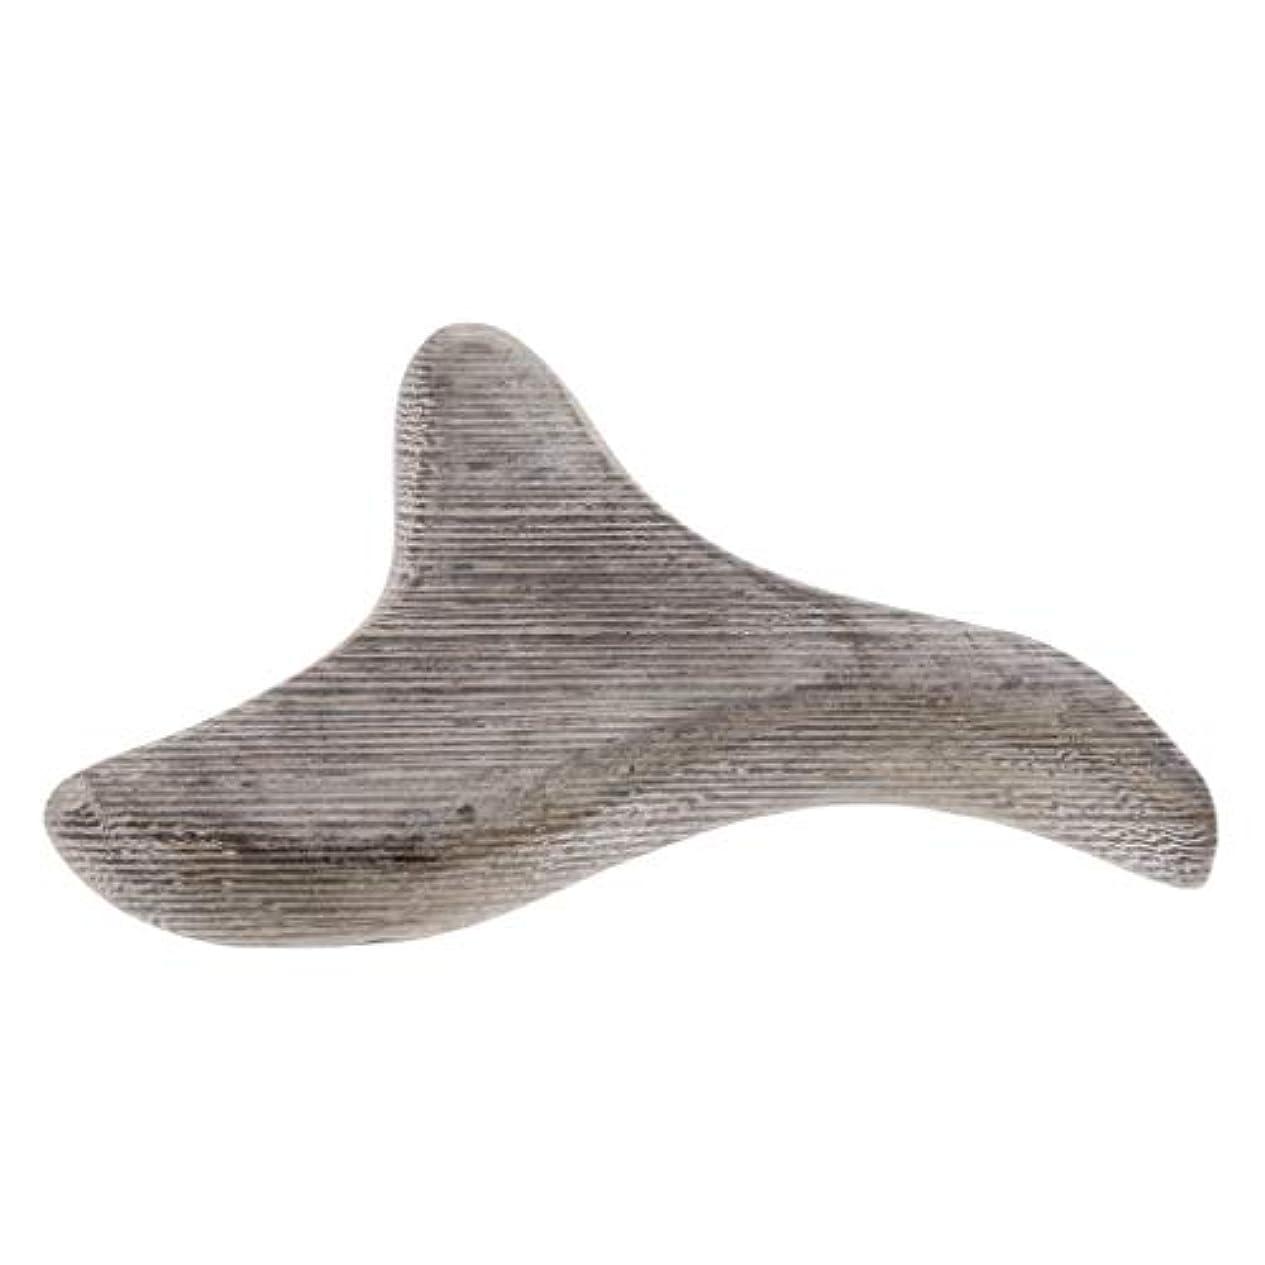 錫策定する上がる三角形 マッサージボード かっさプレート 木製 サロン エステ